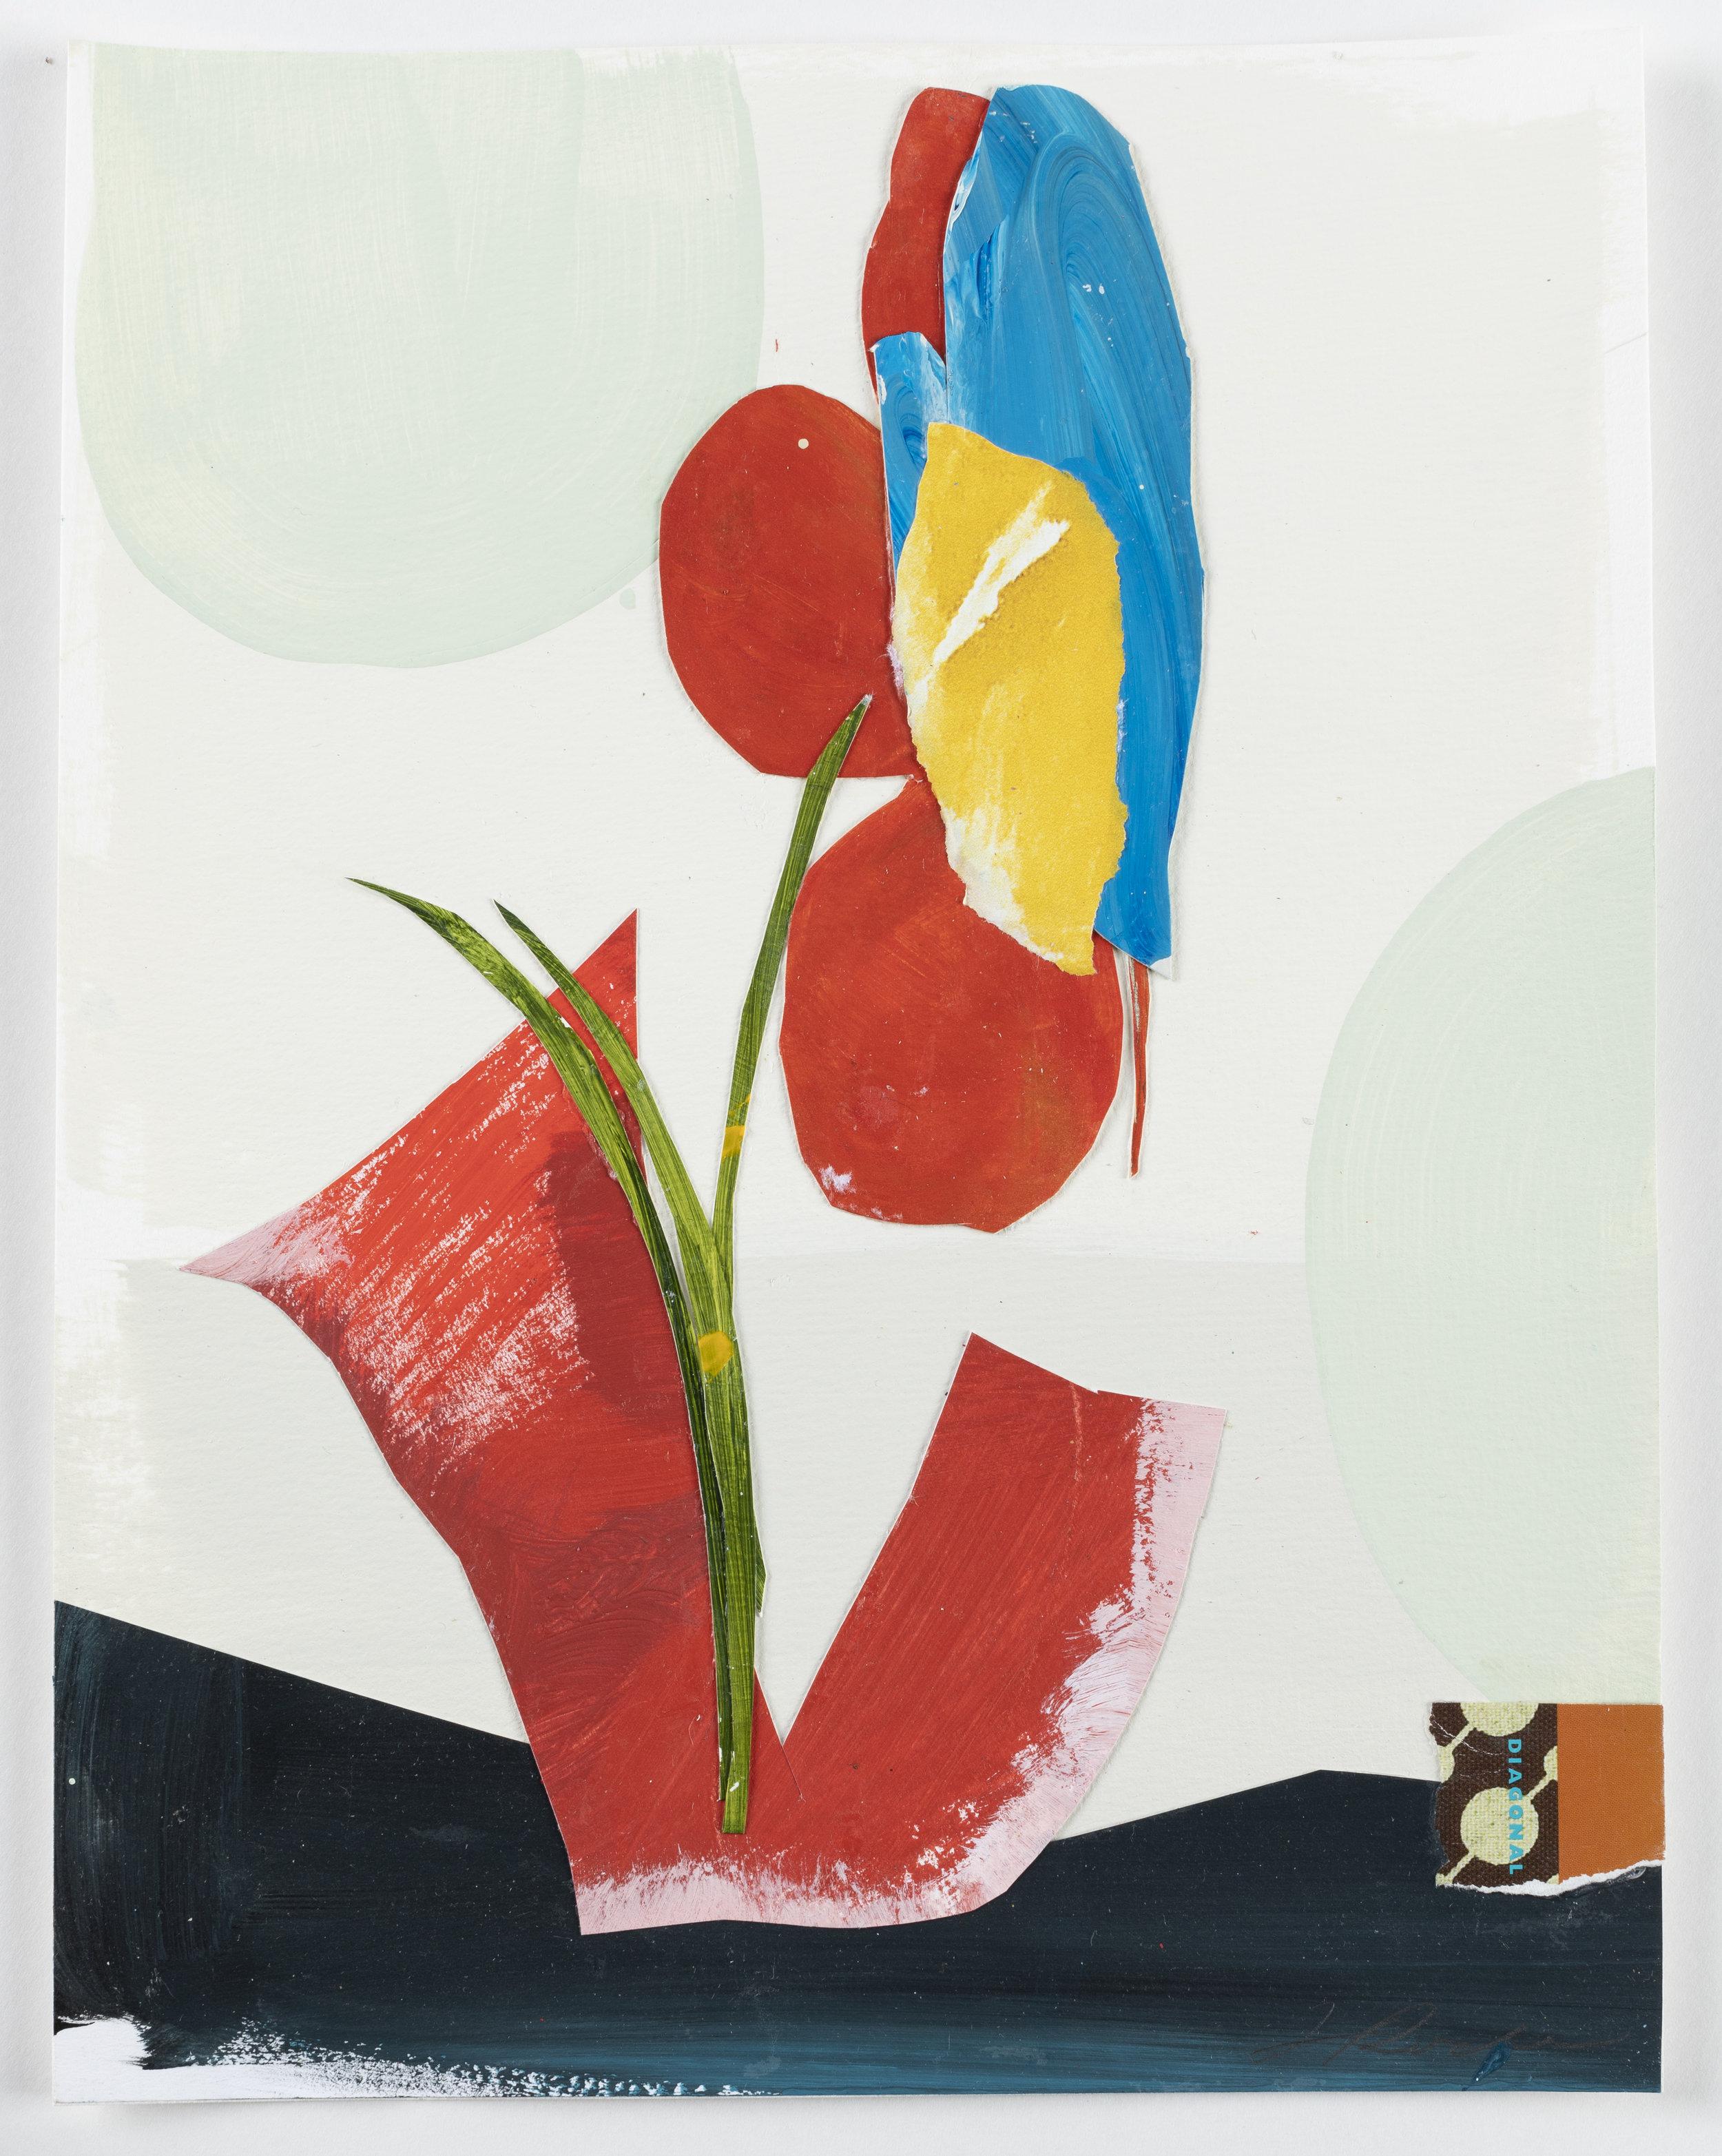 """Floral Series 10 - 14"""" x 11"""" x 1/4"""" Paint, paper, paste, mattedSOLD"""